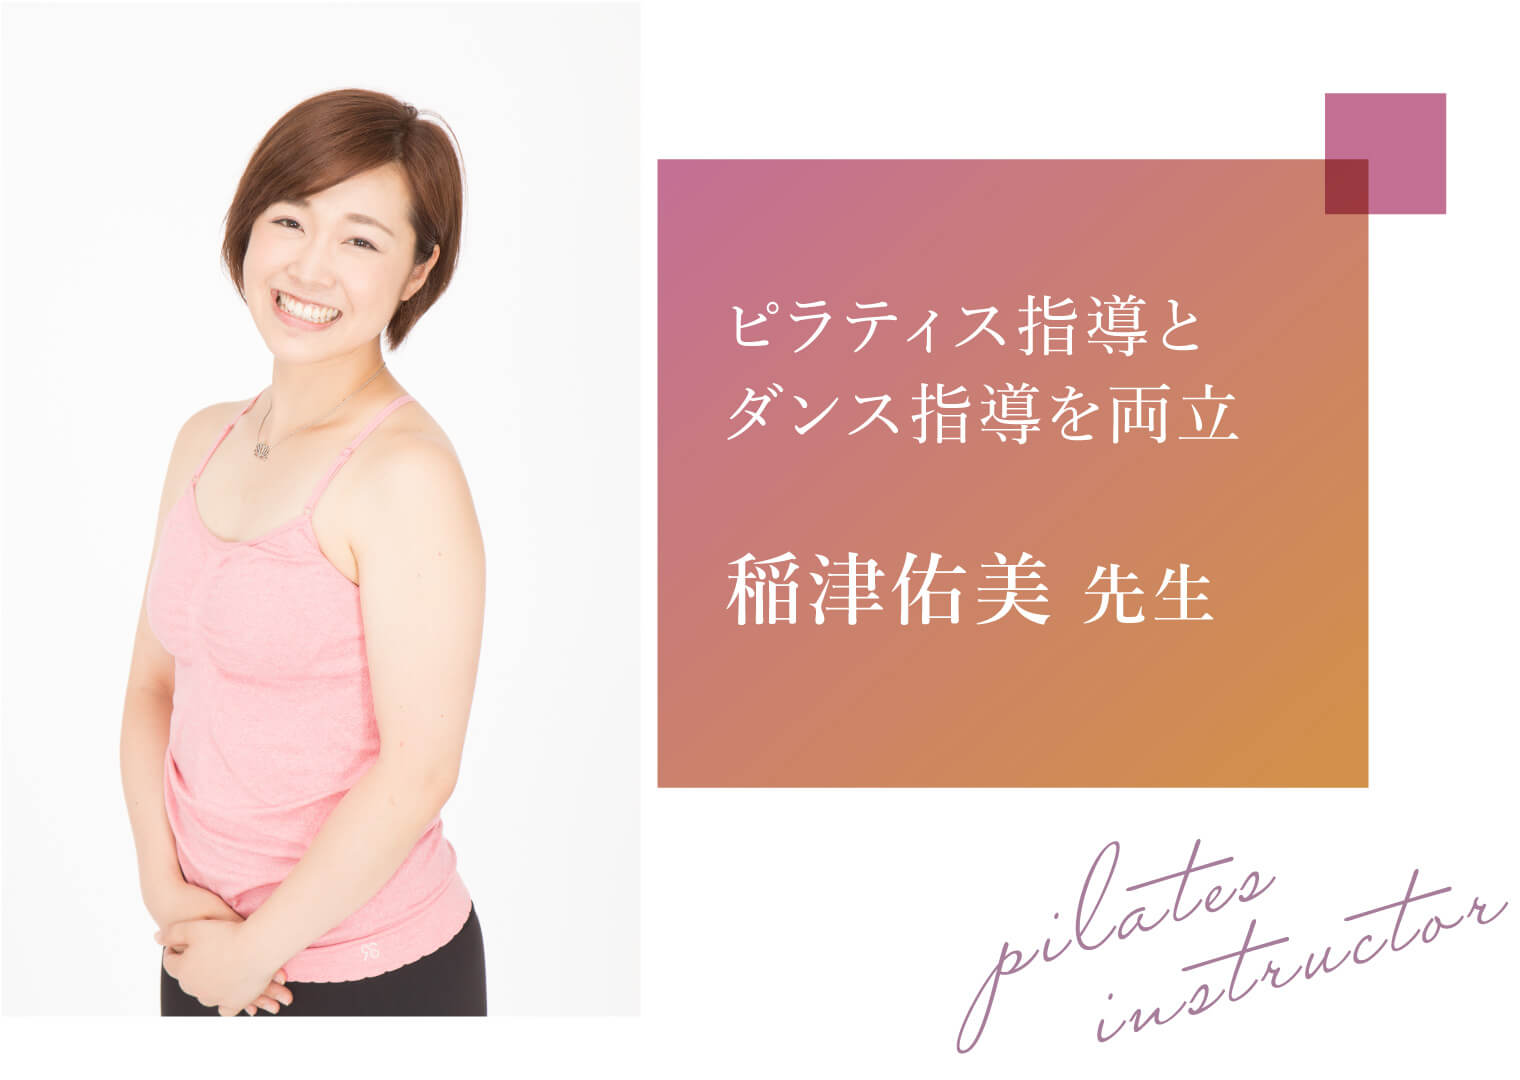 ヴィオラスクールを卒業して活躍するインストラクター|稲津佑美先生